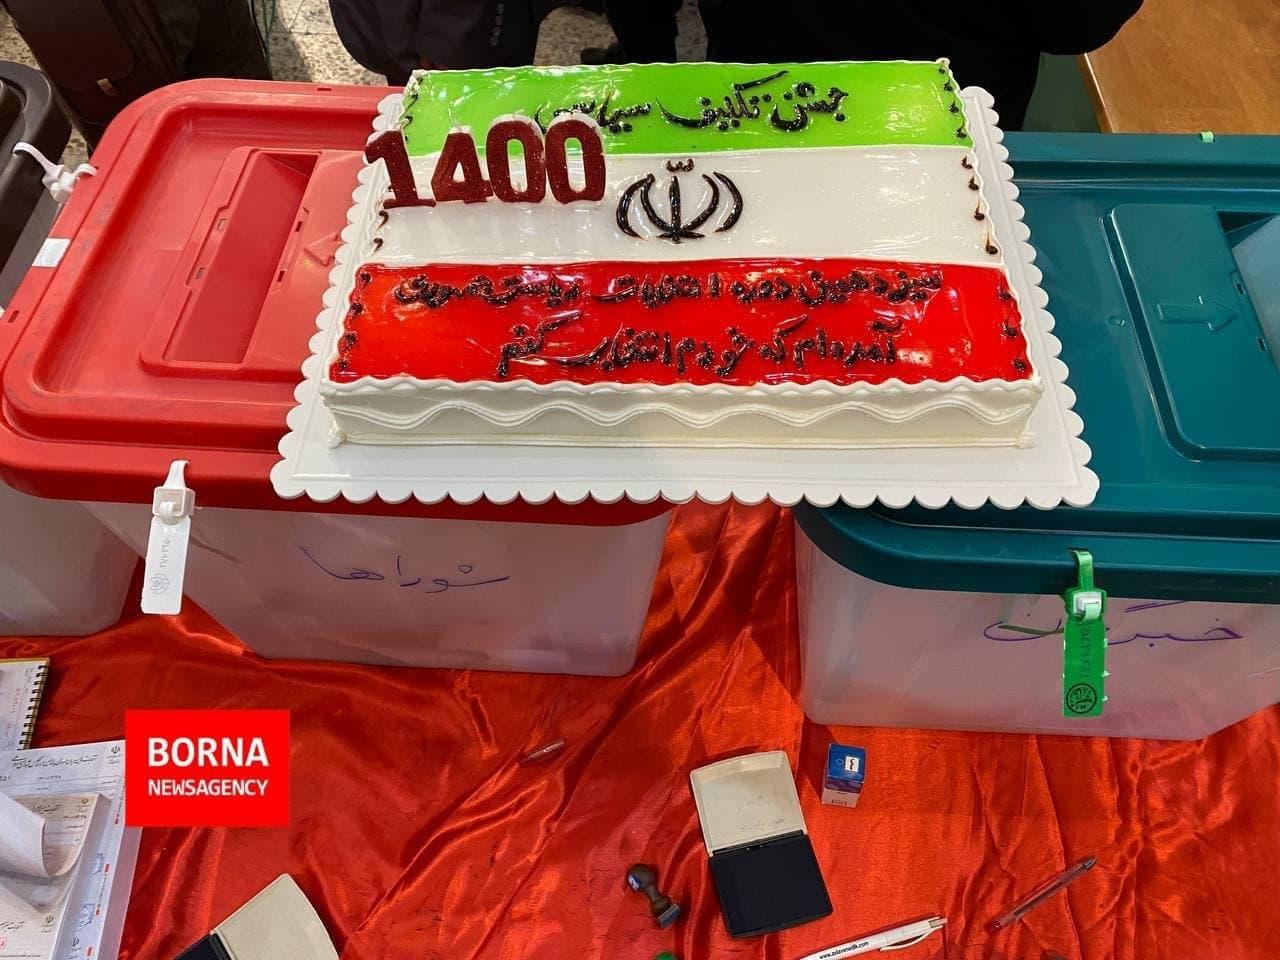 کیک به مناسبت اولین شرکت در انتخابات - مسجد لرزاده